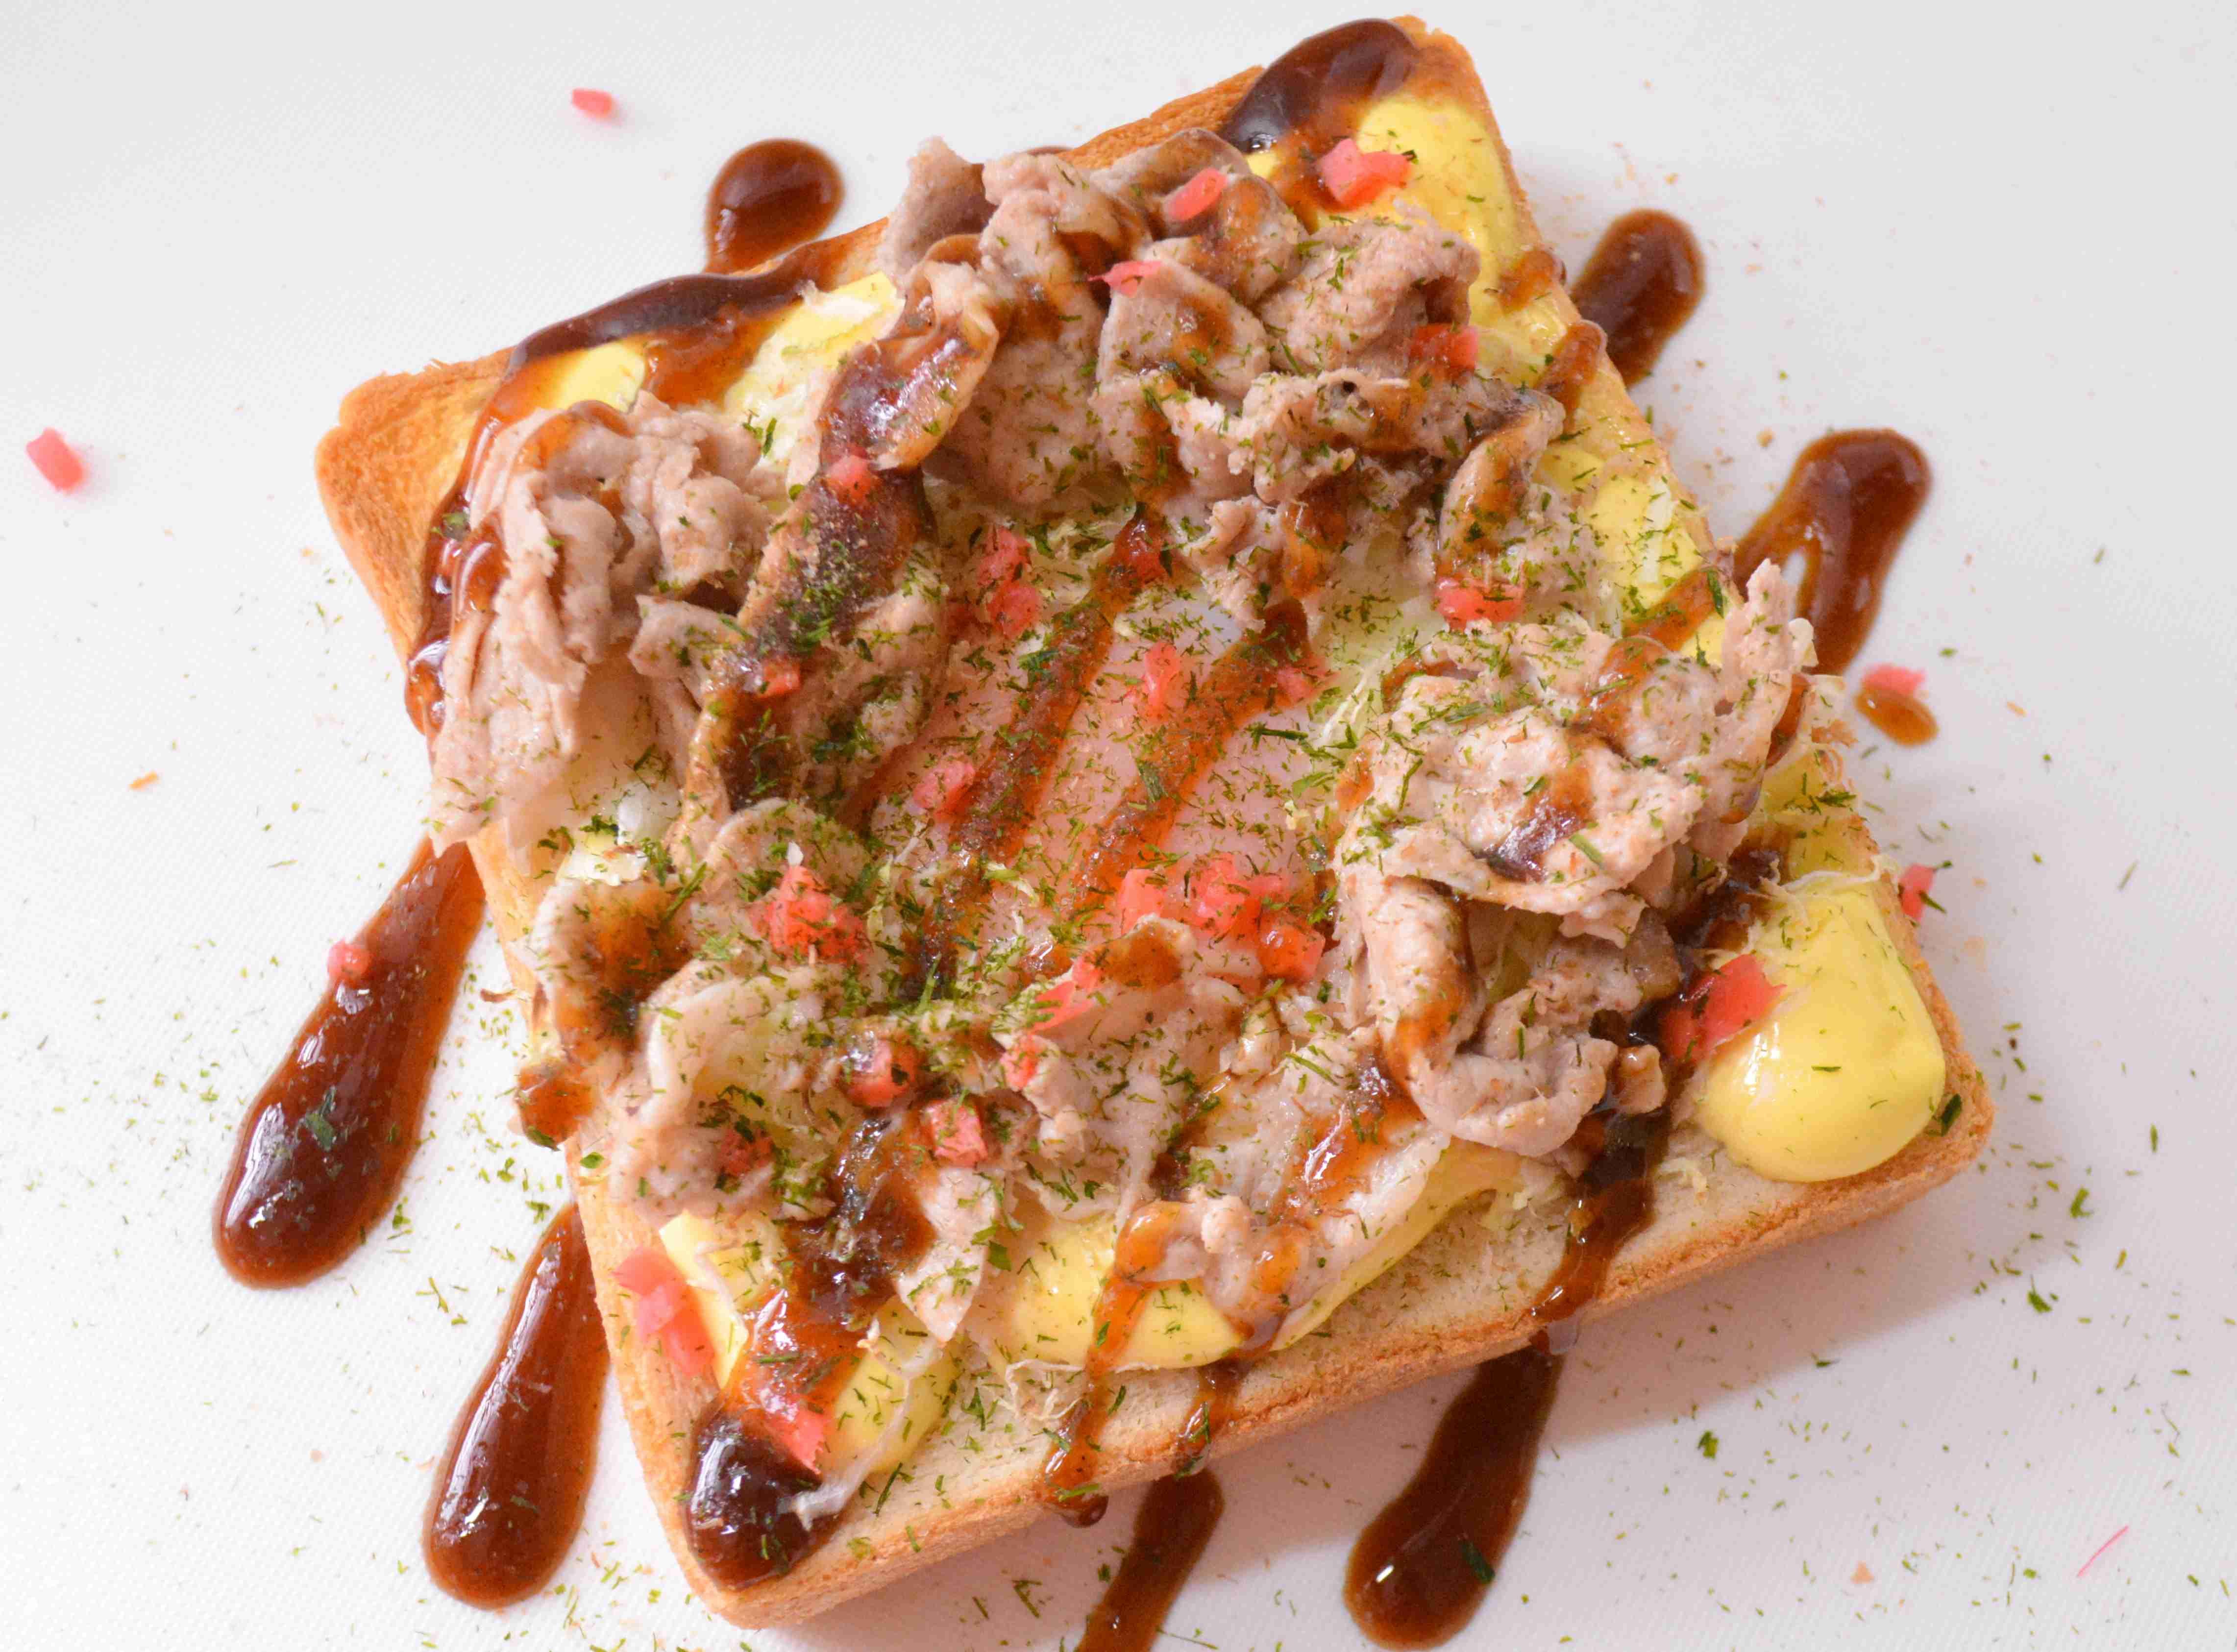 【レシピ】簡単安い「お好み焼きトースト」がマジでウマすぎ!冷蔵庫の残り物で作れるぞっ!! | ロケットニュース24